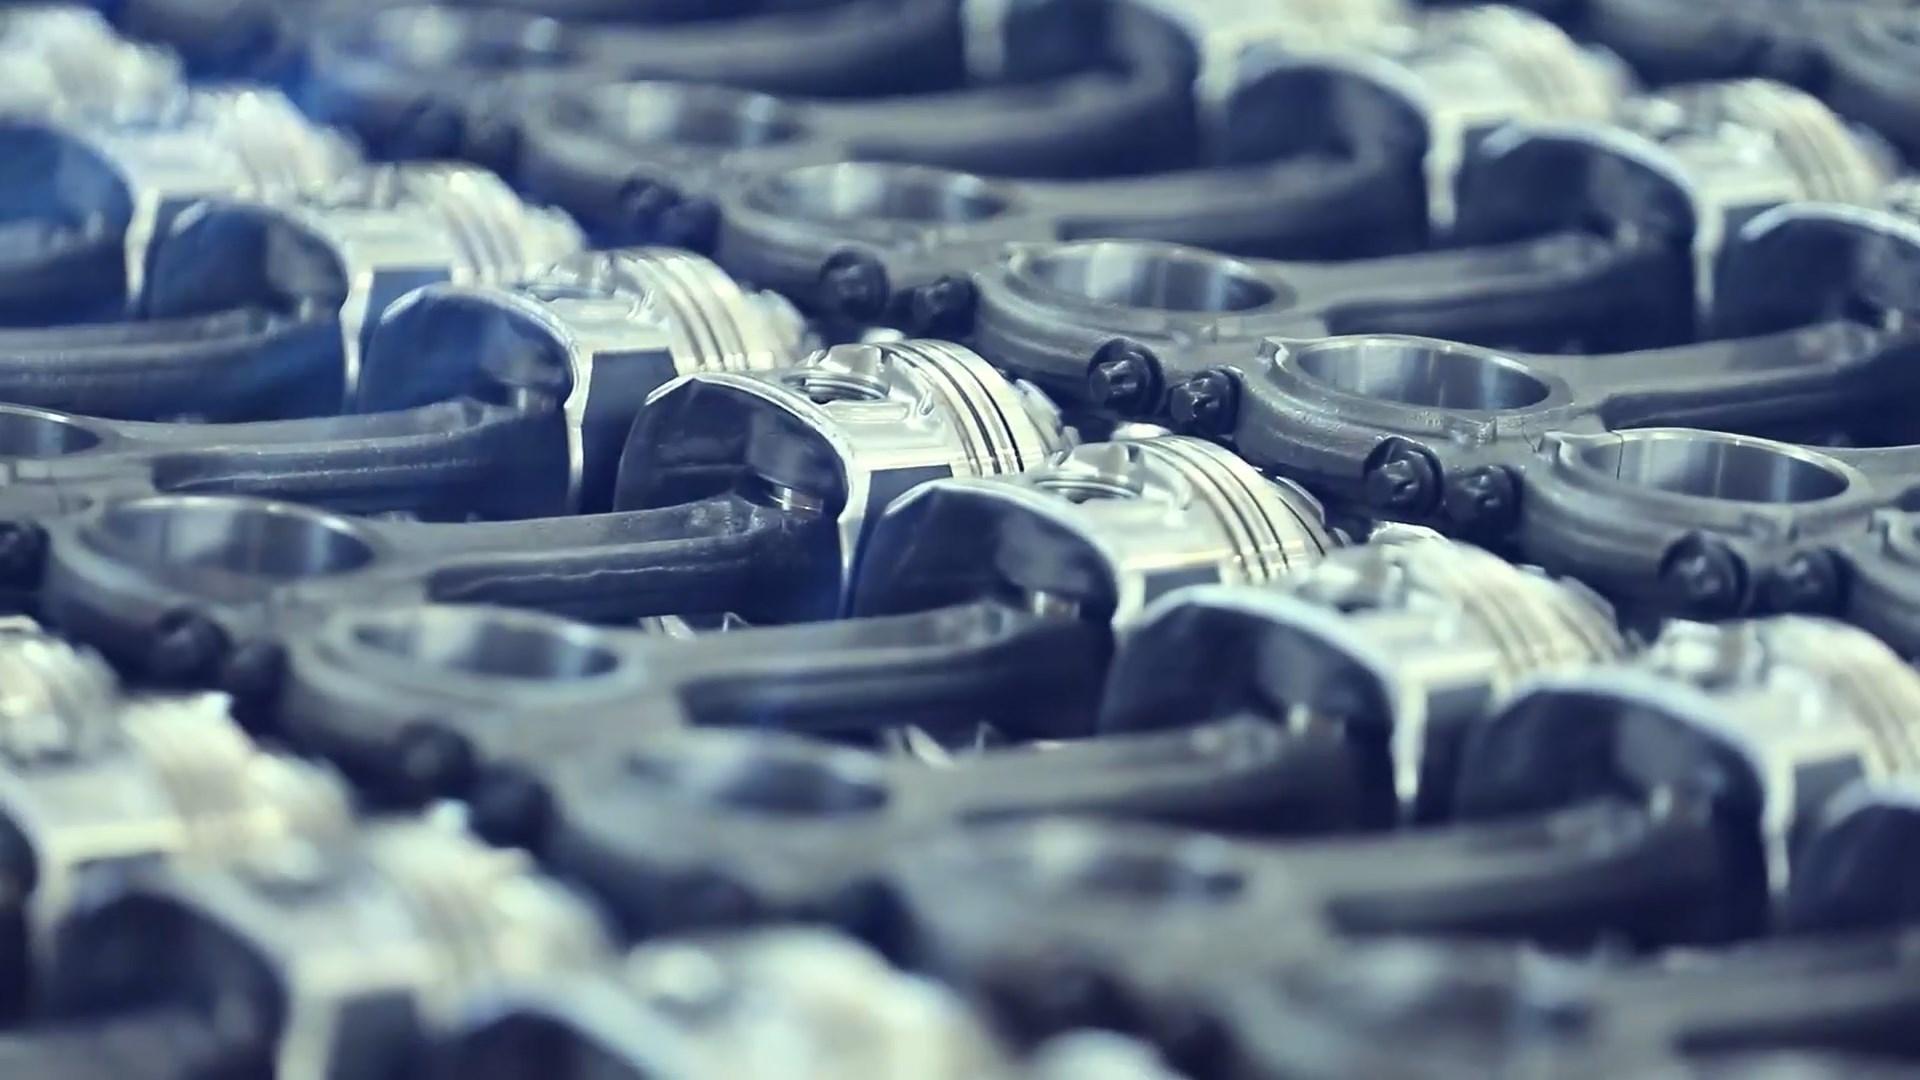 بهار تولید در بزرگترین تولید کننده شاتون کشور ارمغان تحریم ها/فعلا منتشر نشود